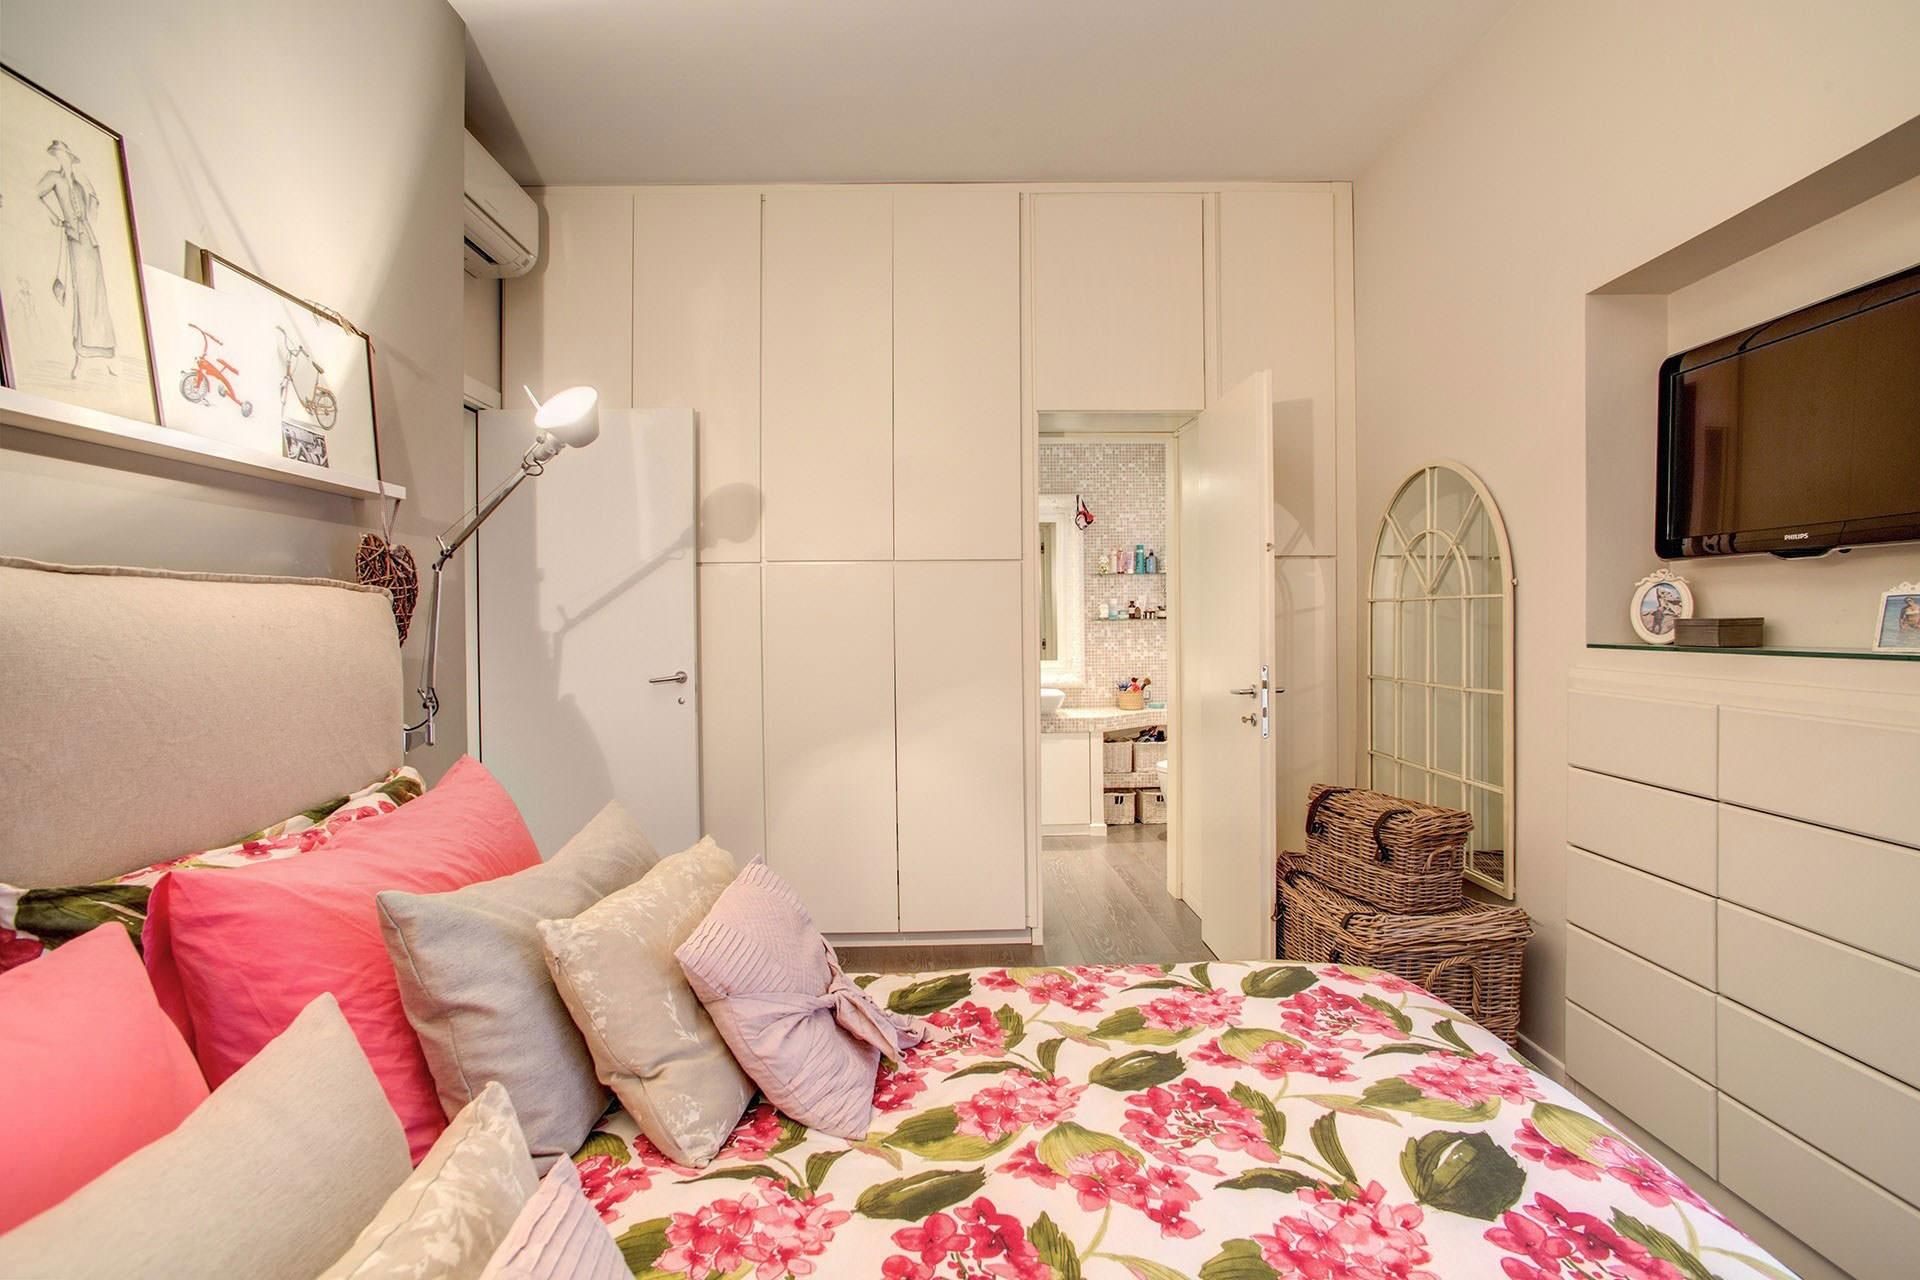 komforten-apartament-sas-sempal-dizain-v-rim-913